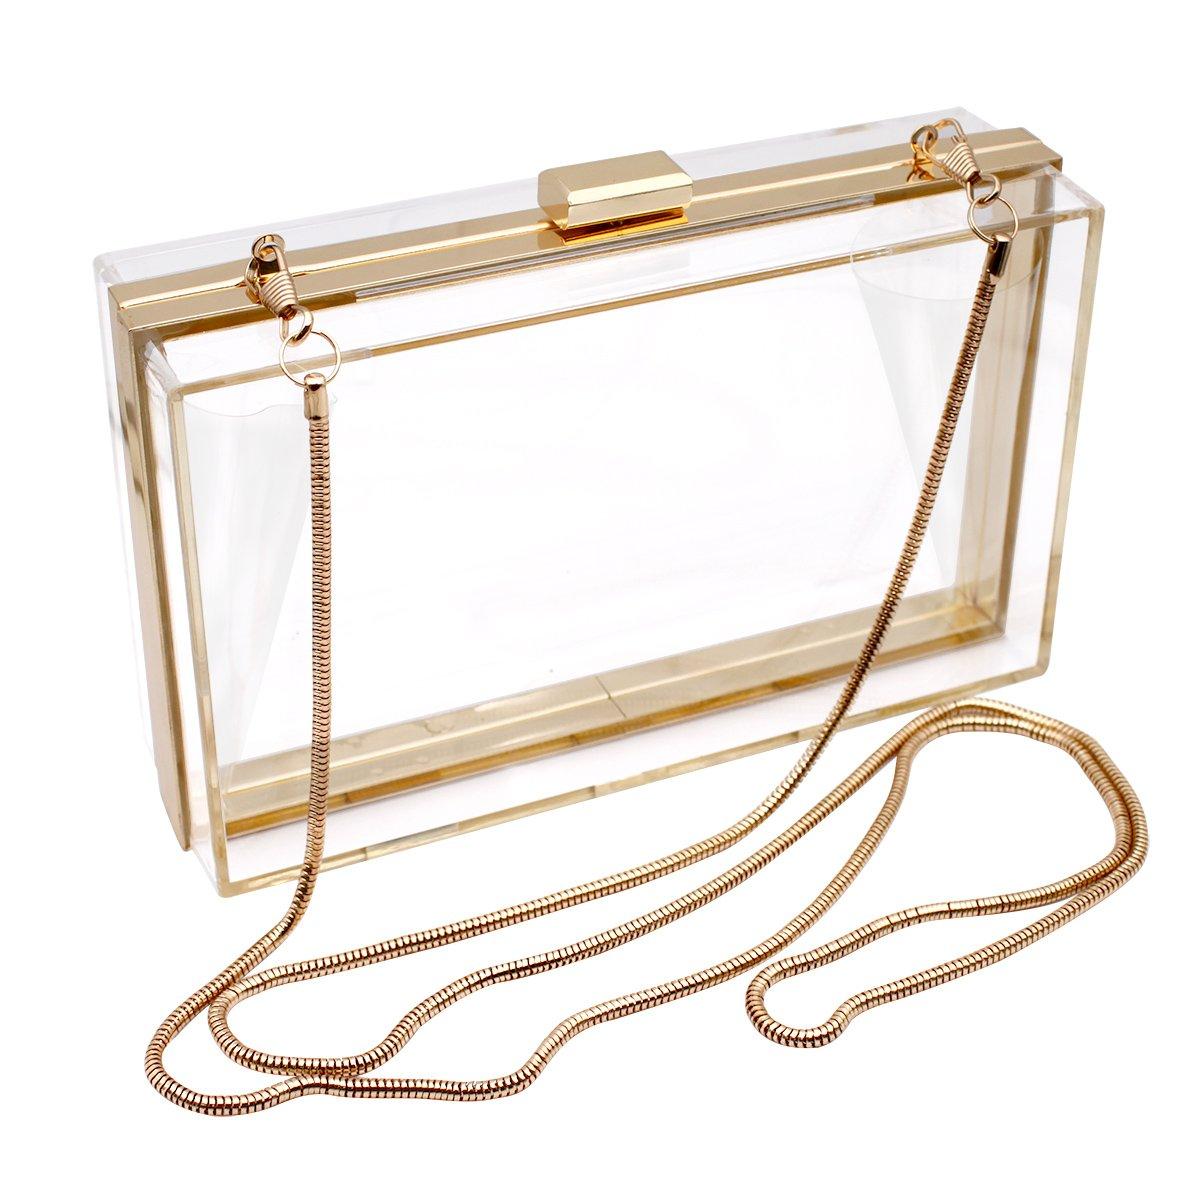 Bolso transparente hecho en material acrílico. Estructura de metal y cierre con cerrojo.